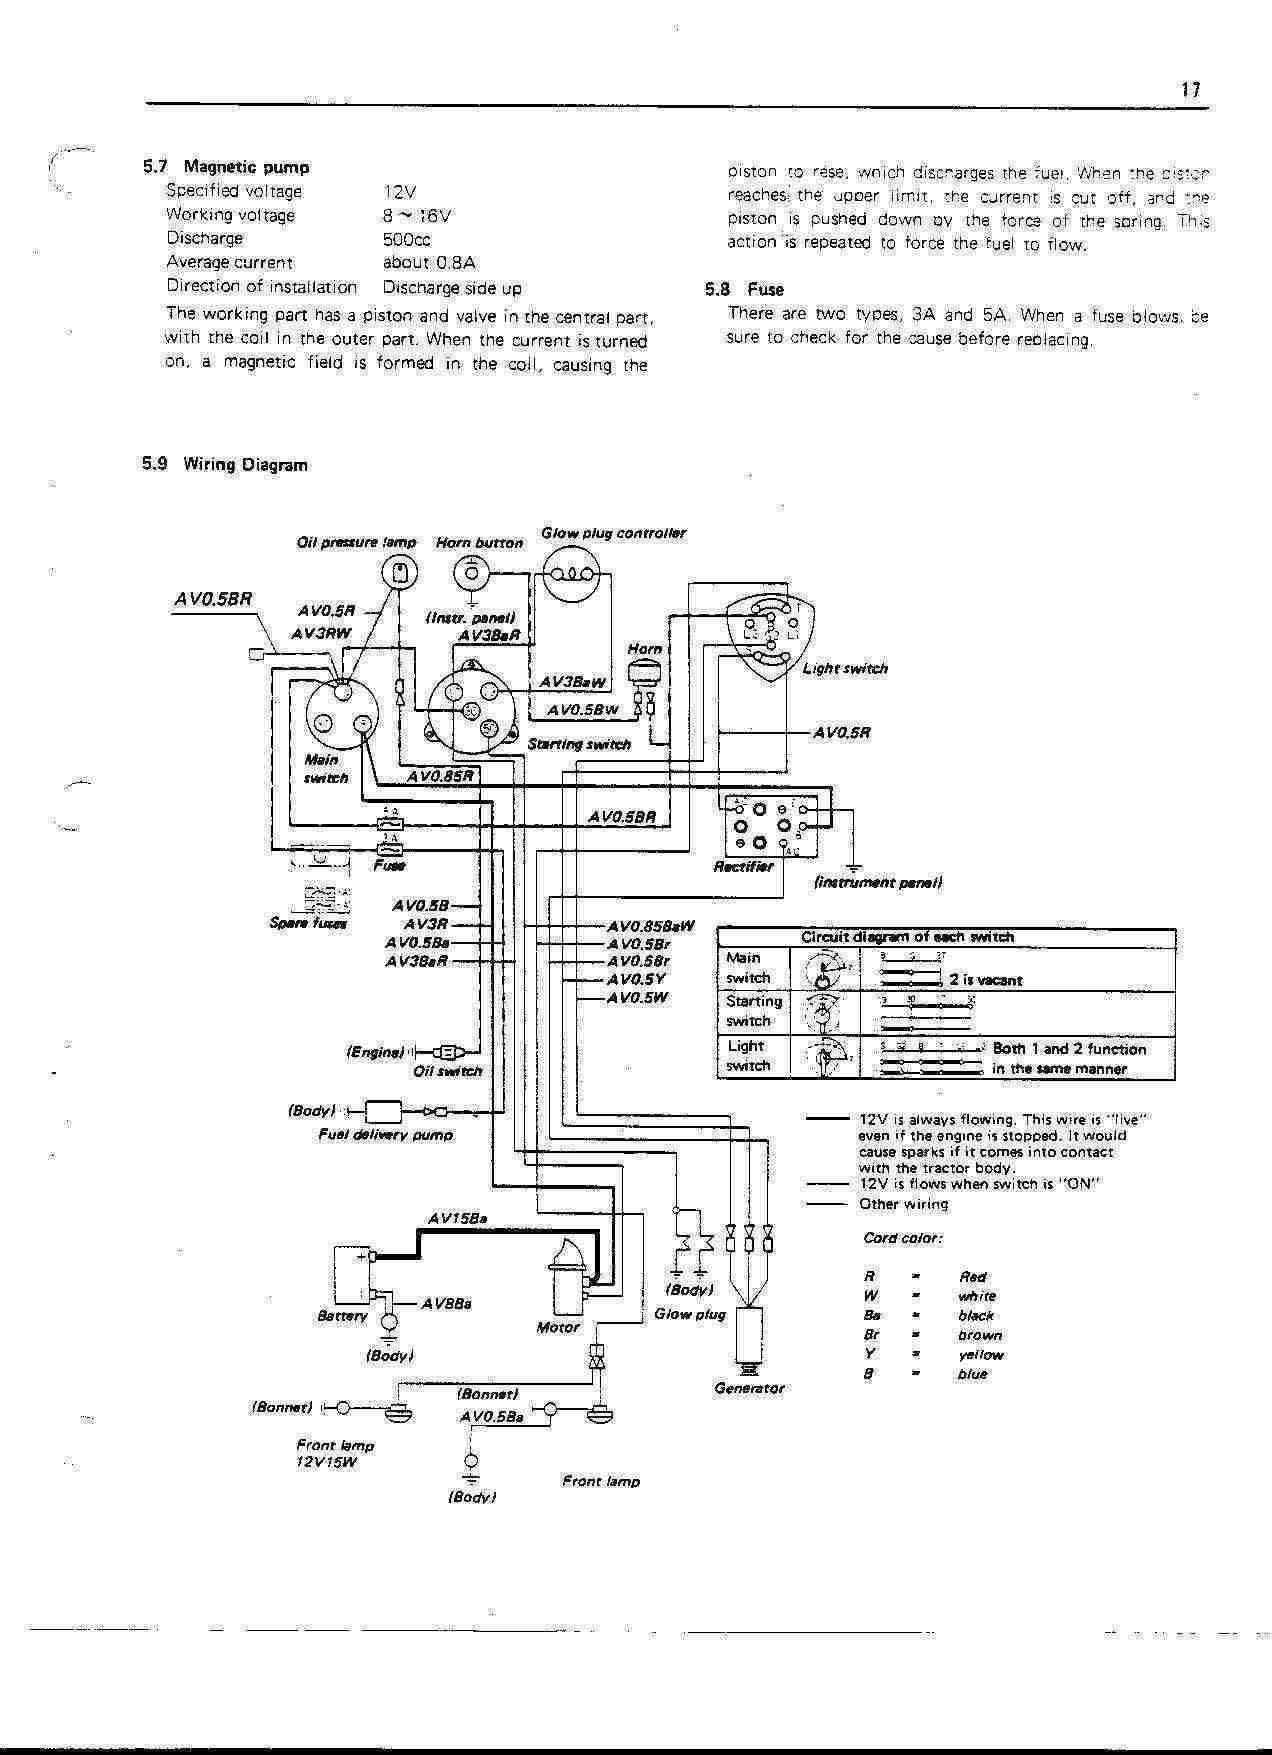 kubota glow plug wiring diagram wirings diagrammahindra glow plug wiring diagram wiring diagram kubota glow plug wiring diagram